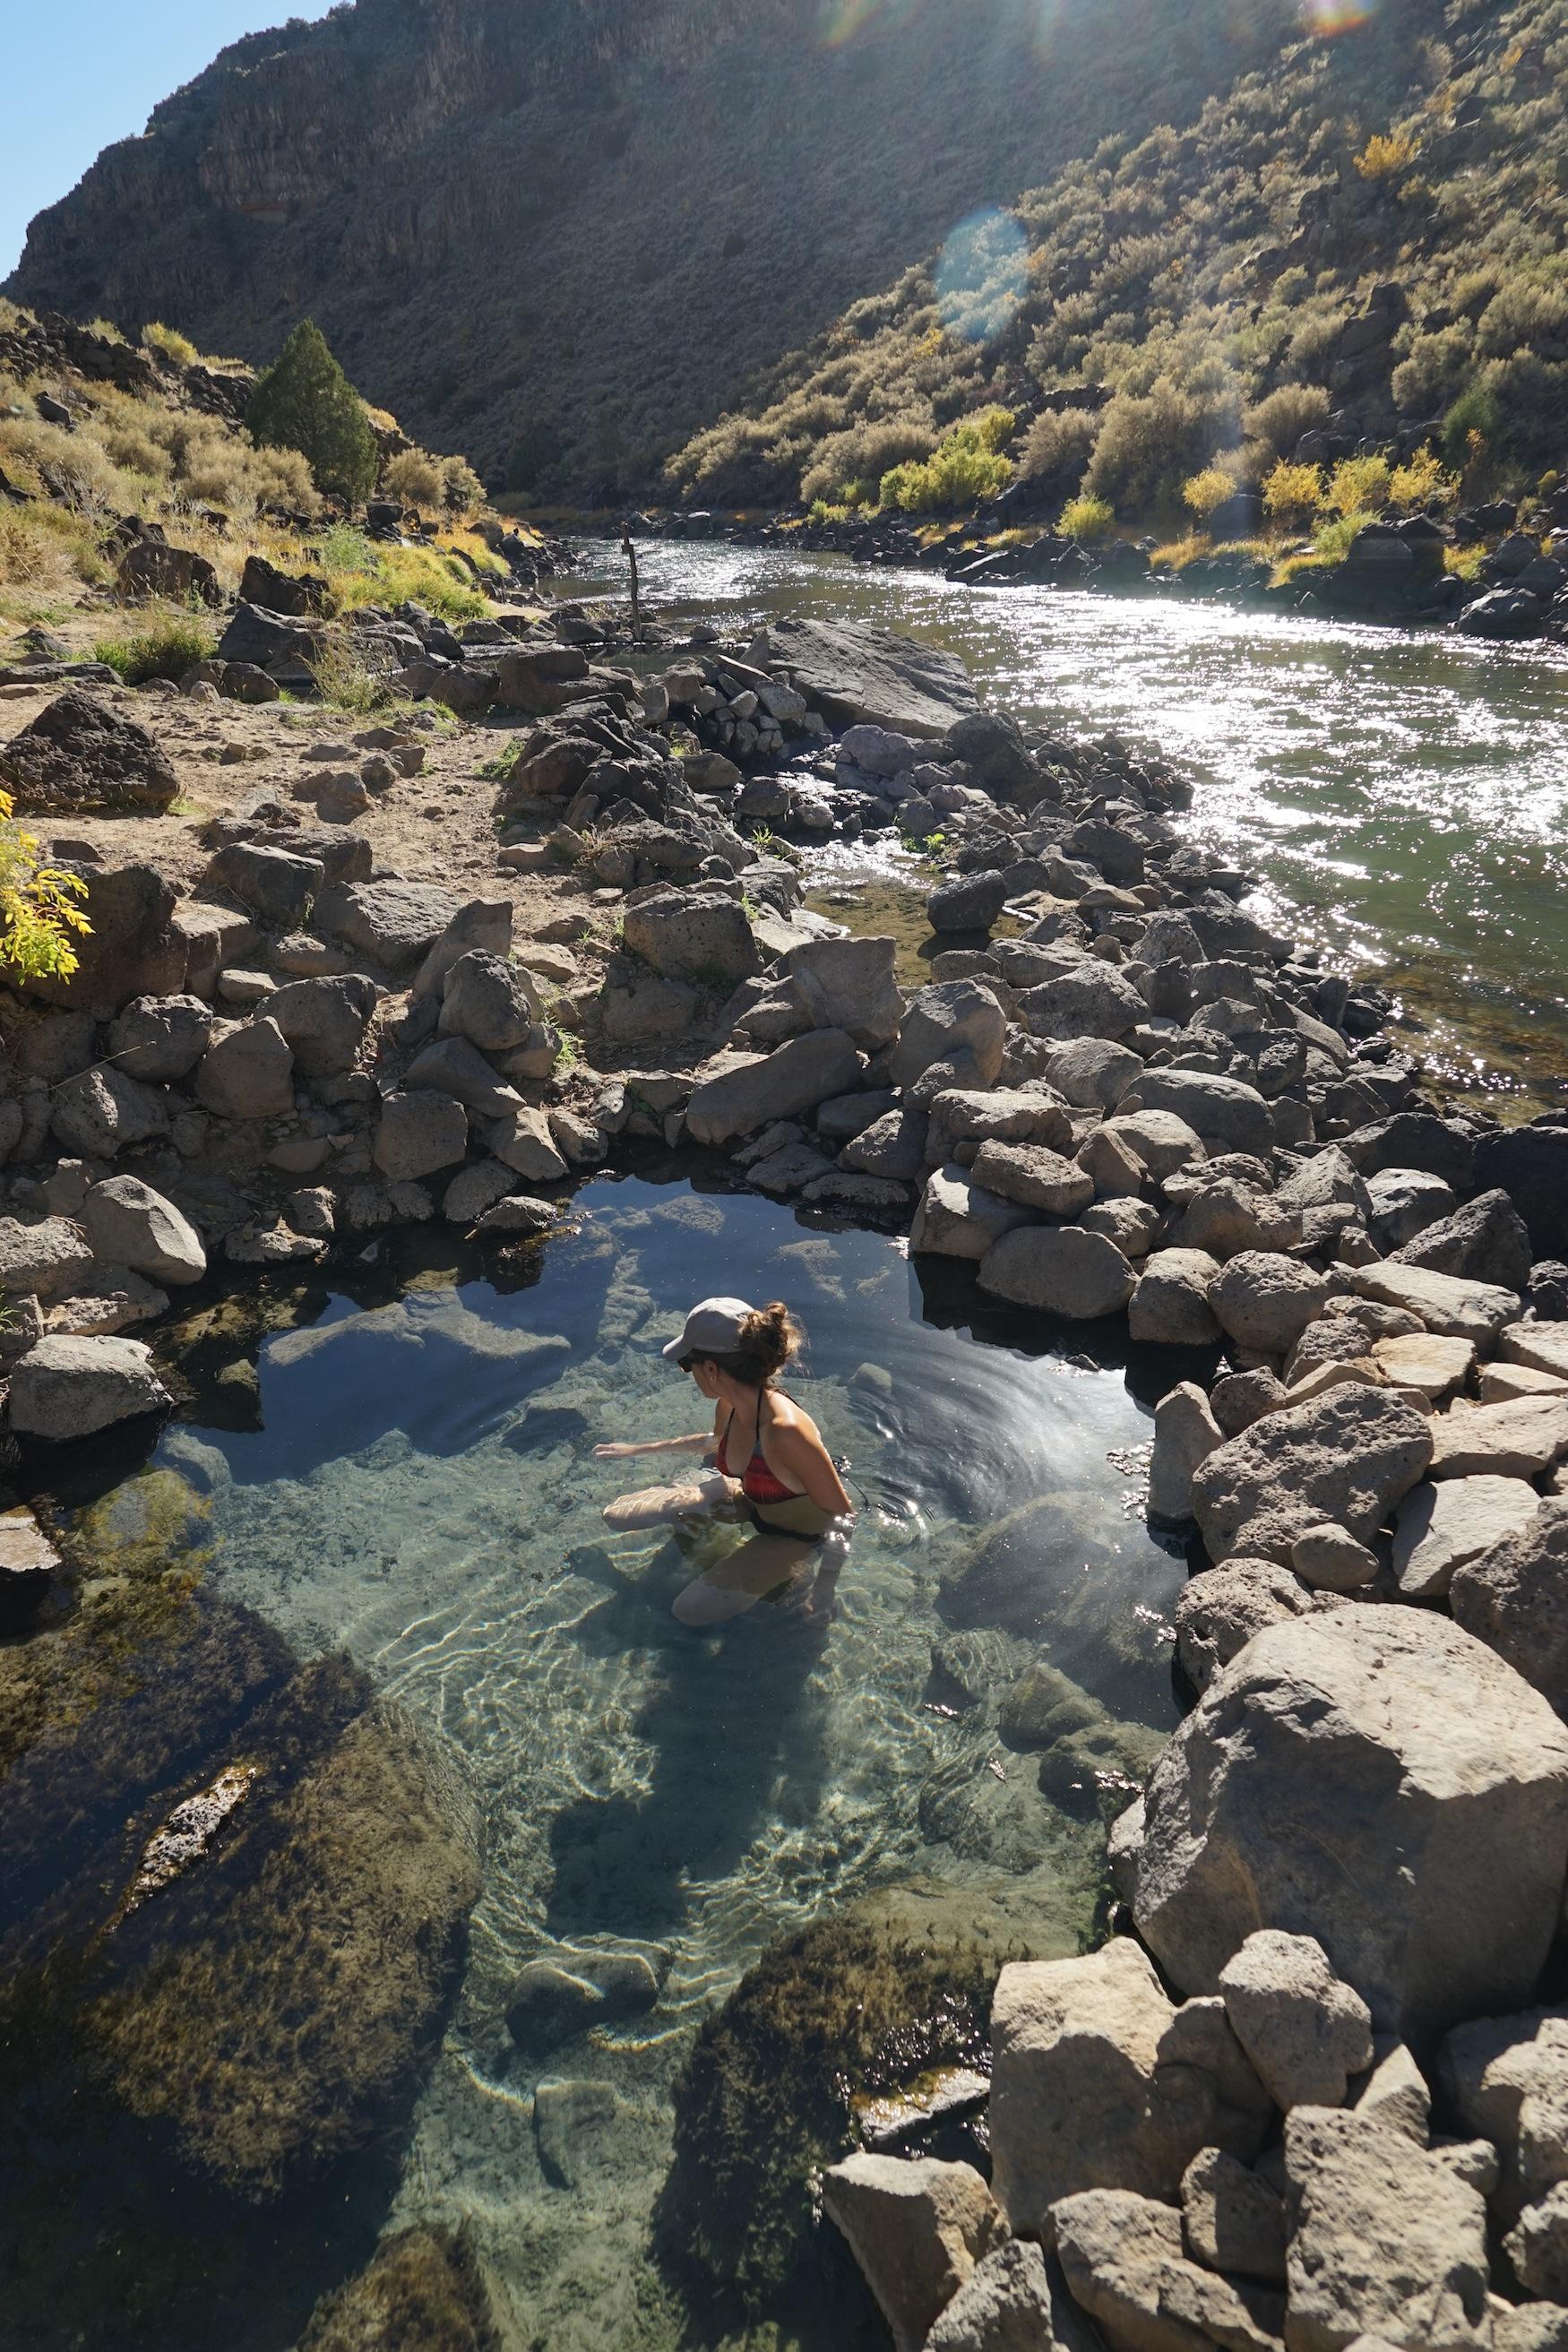 Manby Hot Springs Taos